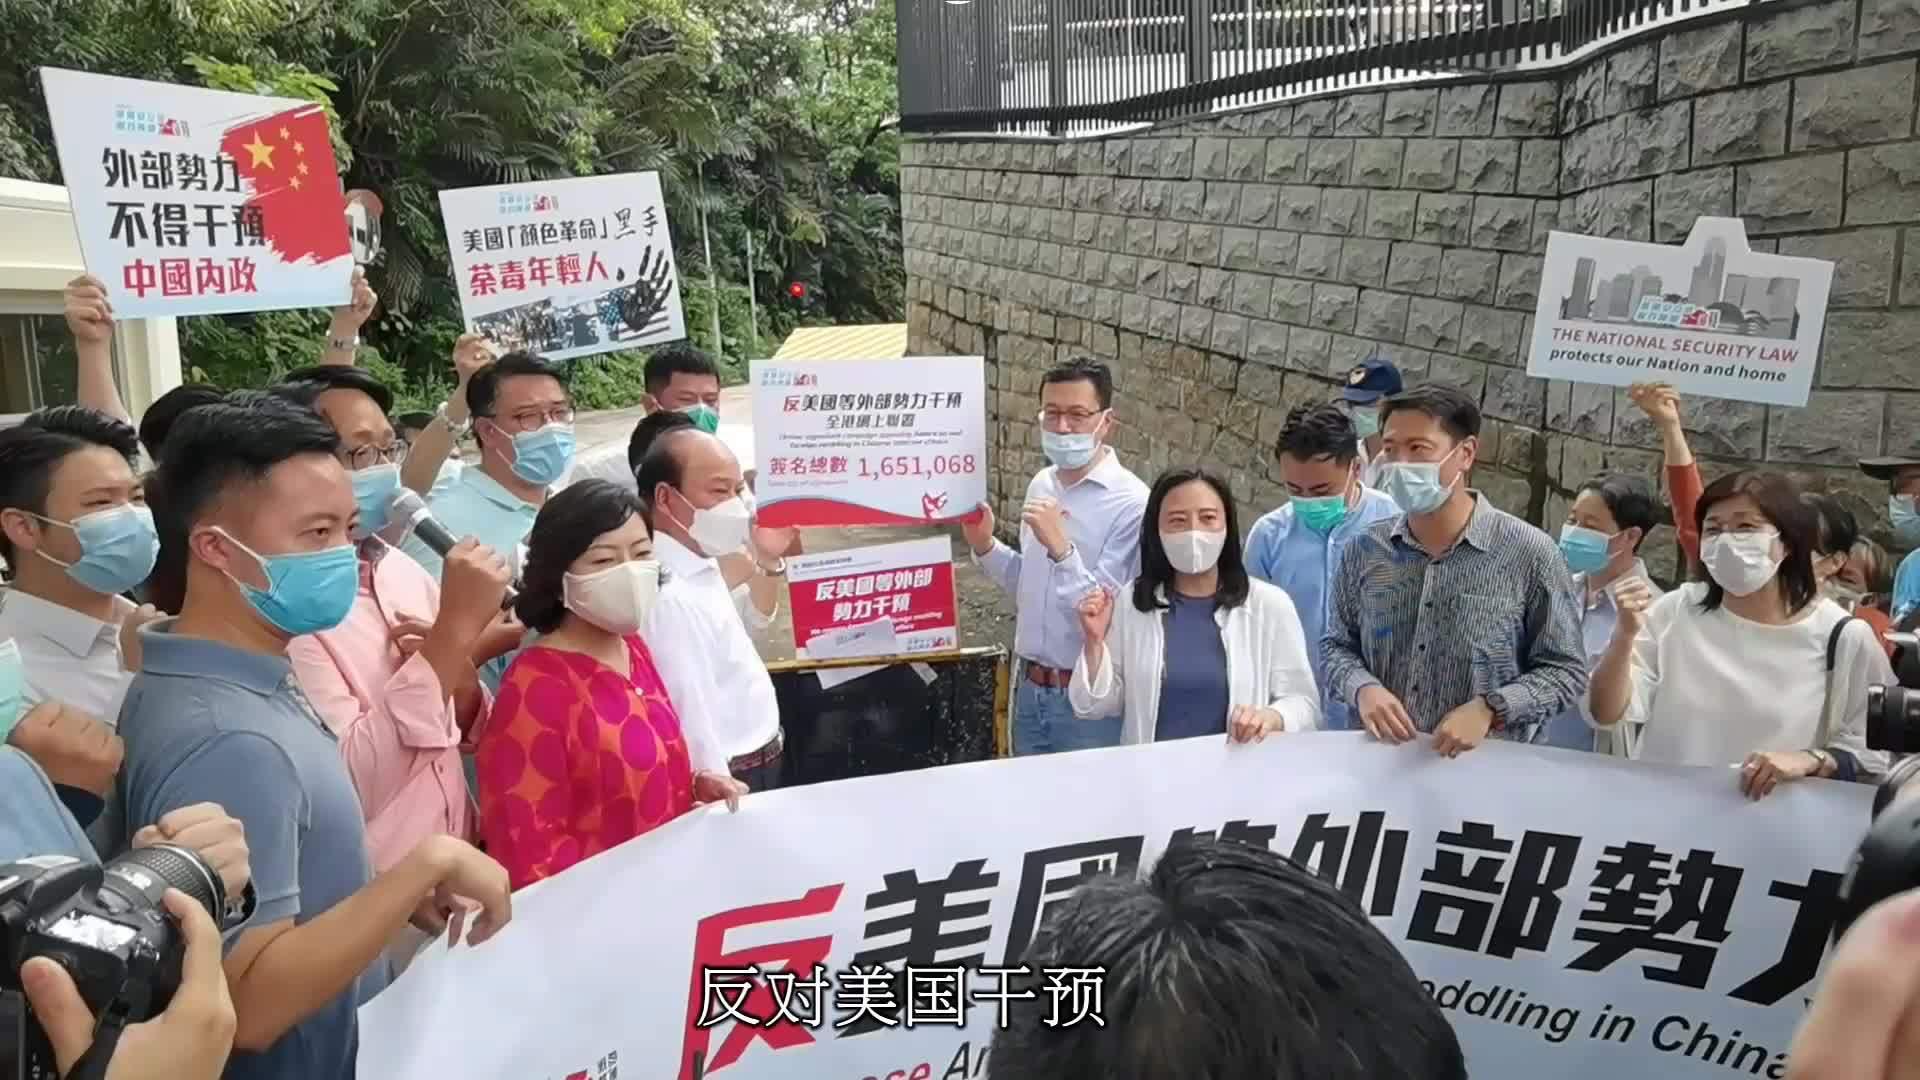 浙江广电集团特派记者香港报道   多个市民团体抗议美国干涉中国